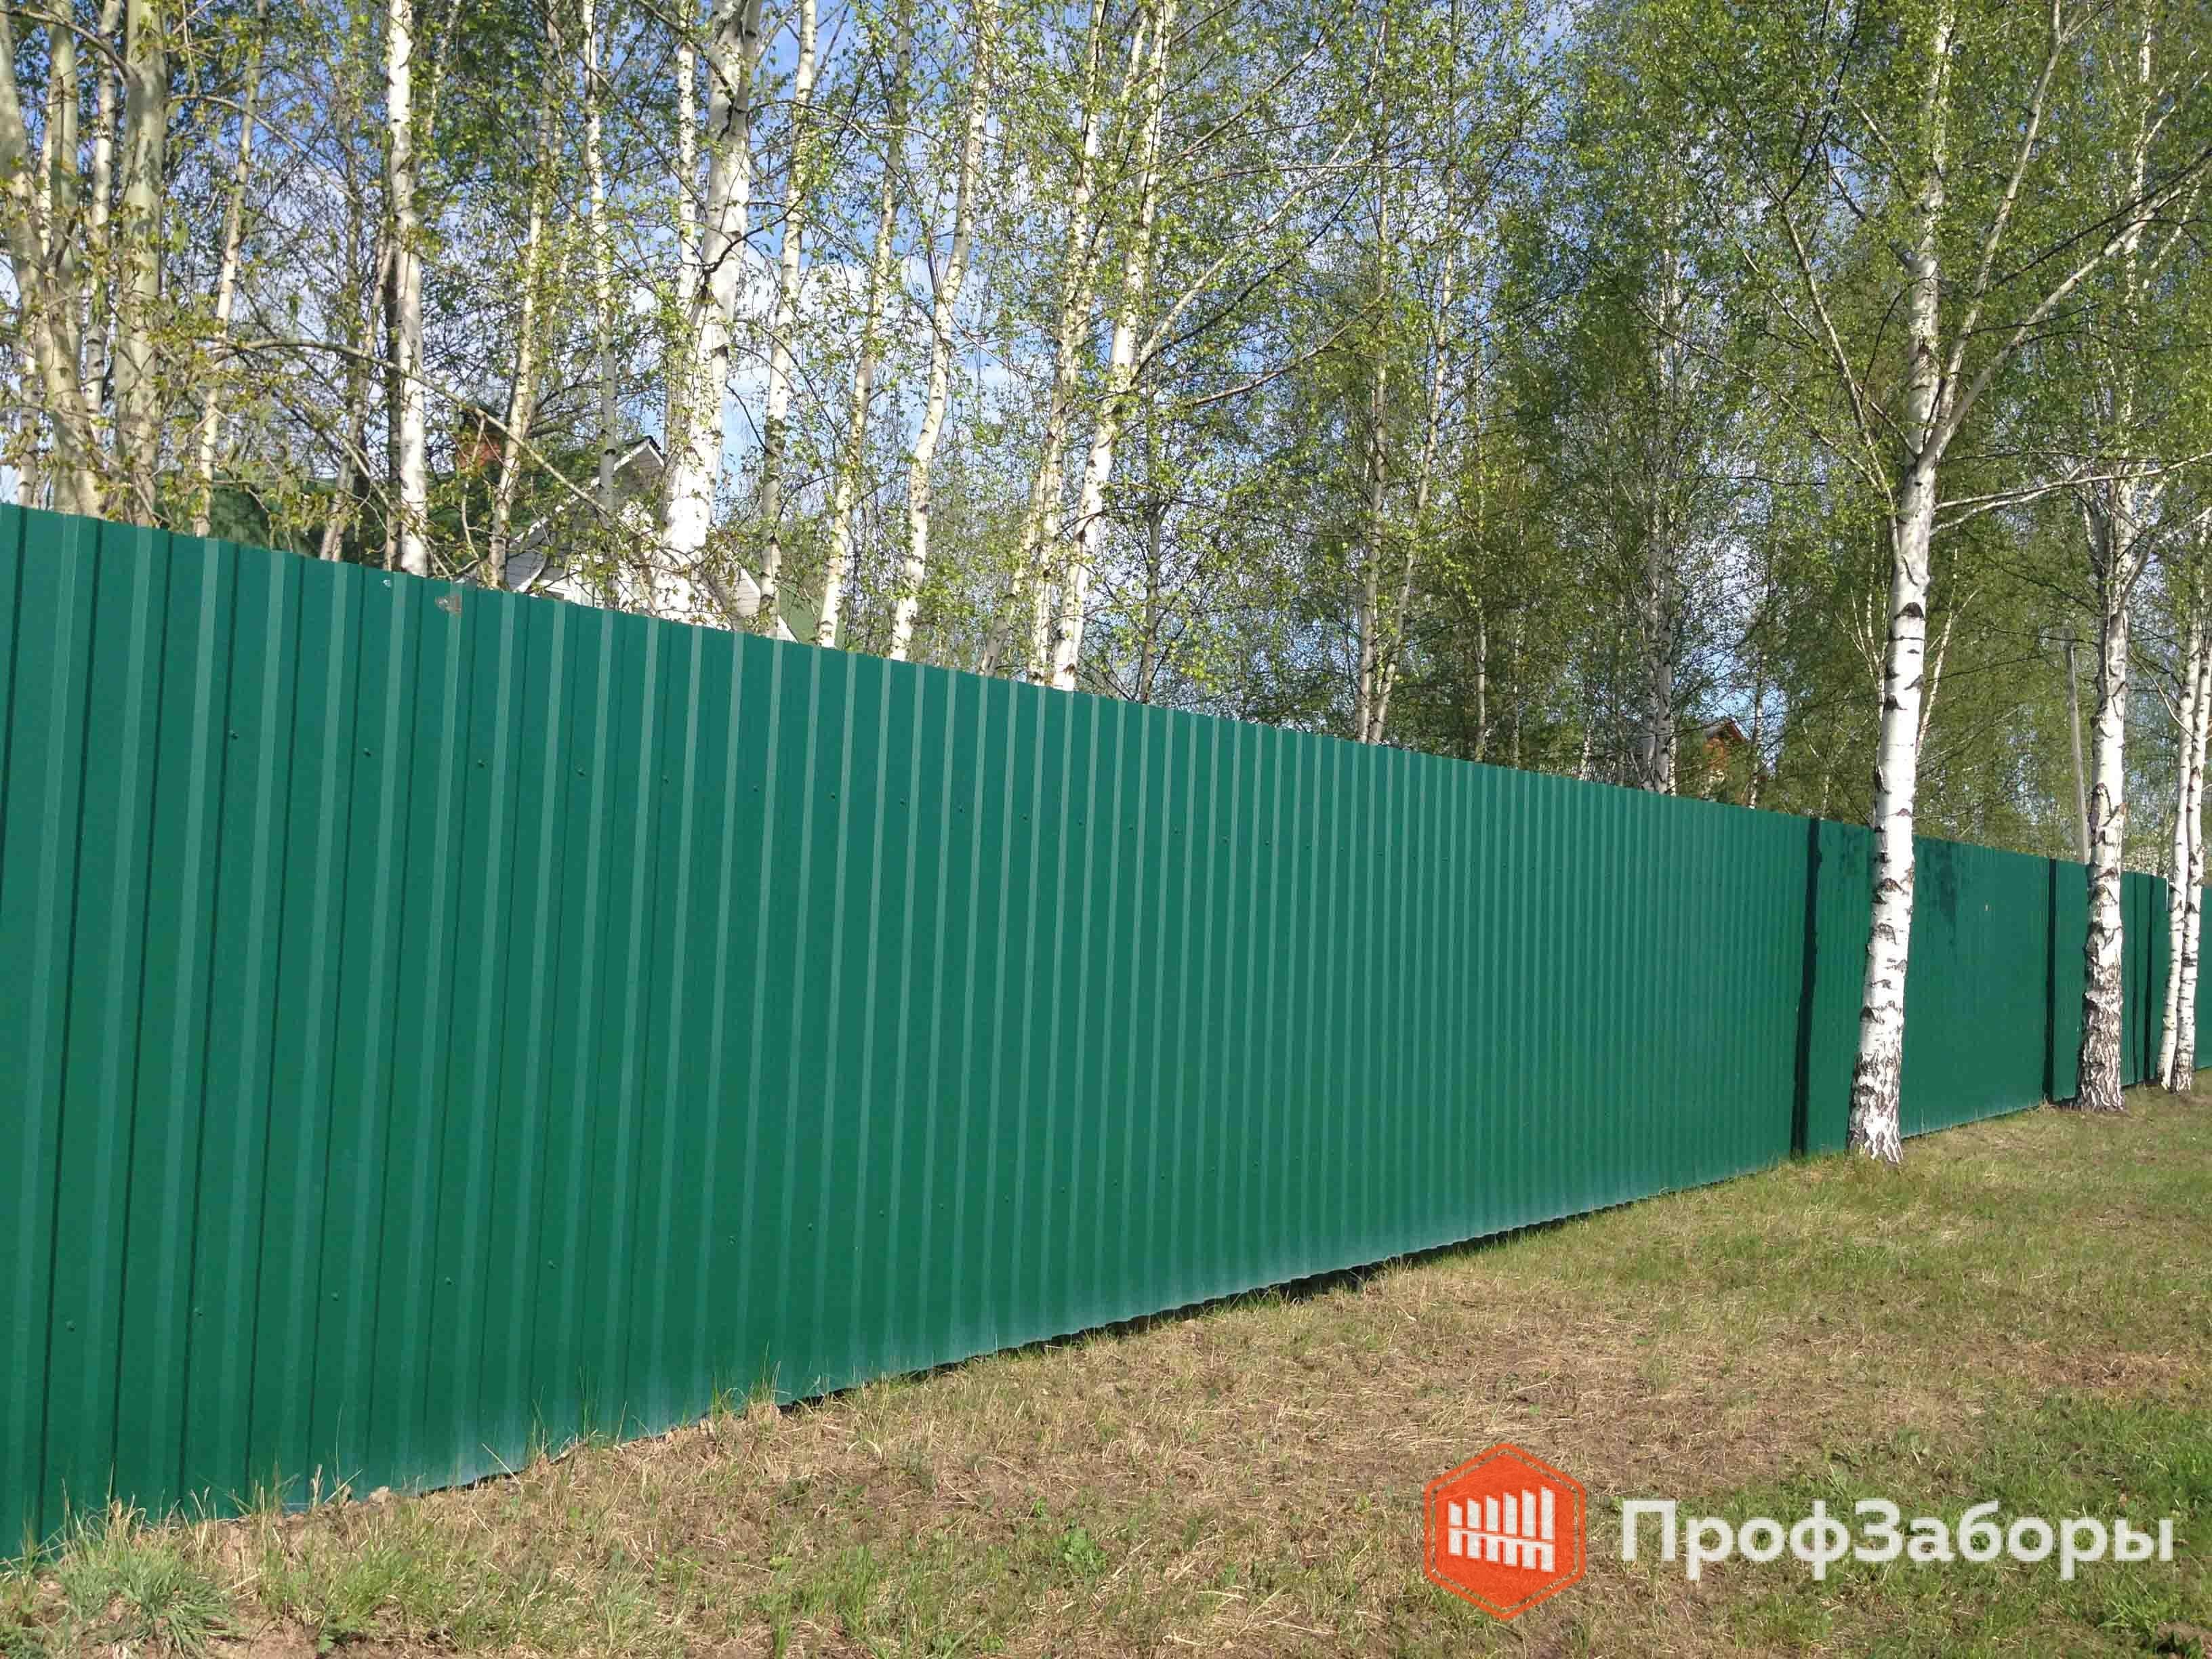 Заборы Из профнастила  - Рязанская область. Фото 4